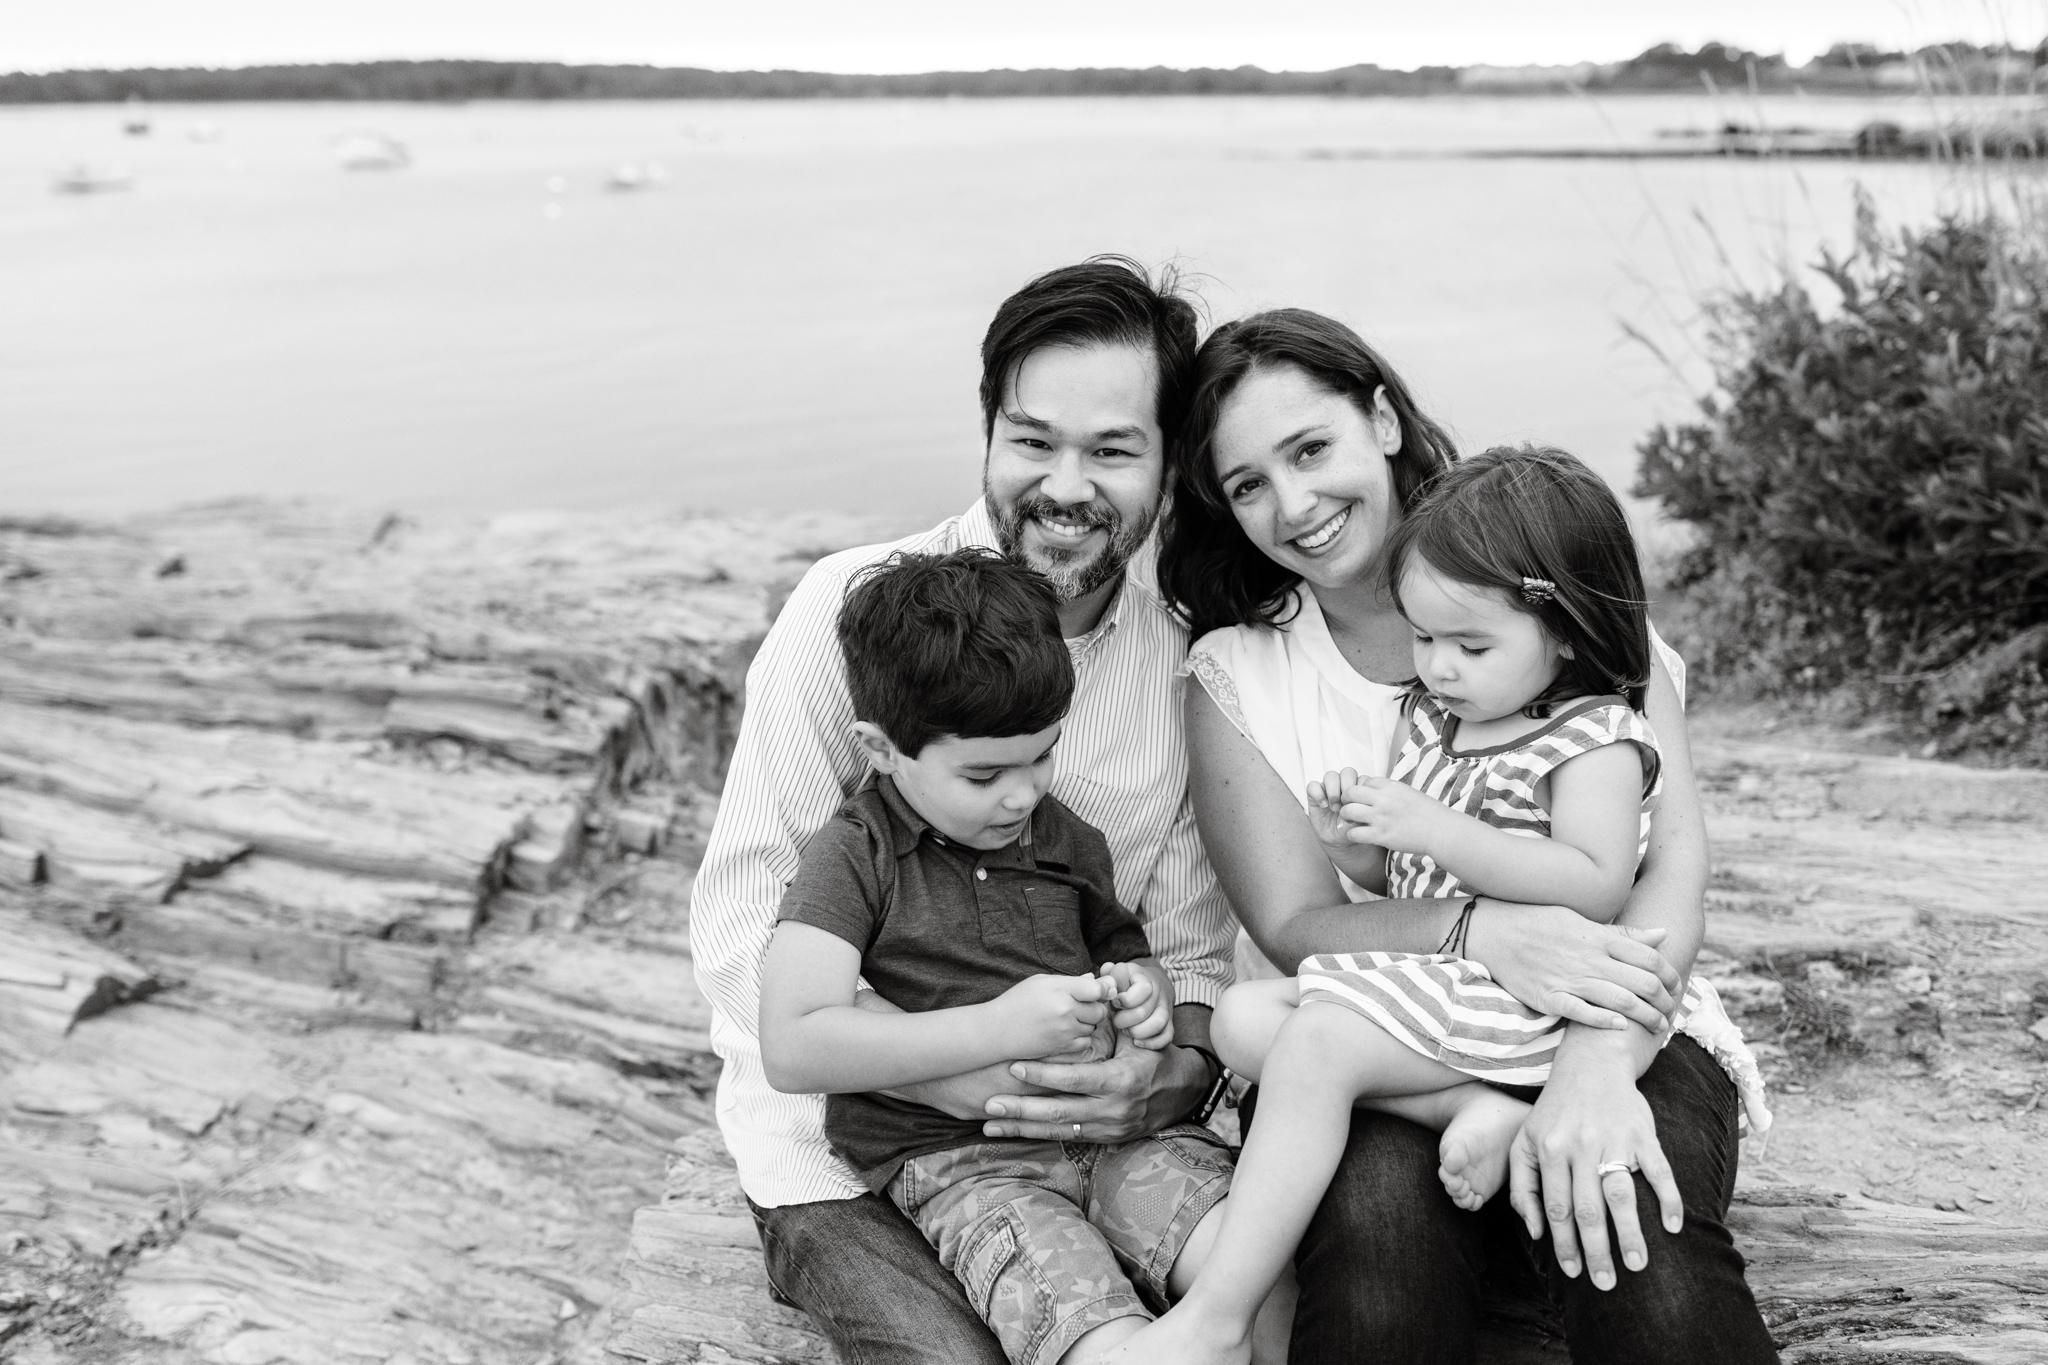 maine-family-photographer-beach-lifestyle -58.jpg